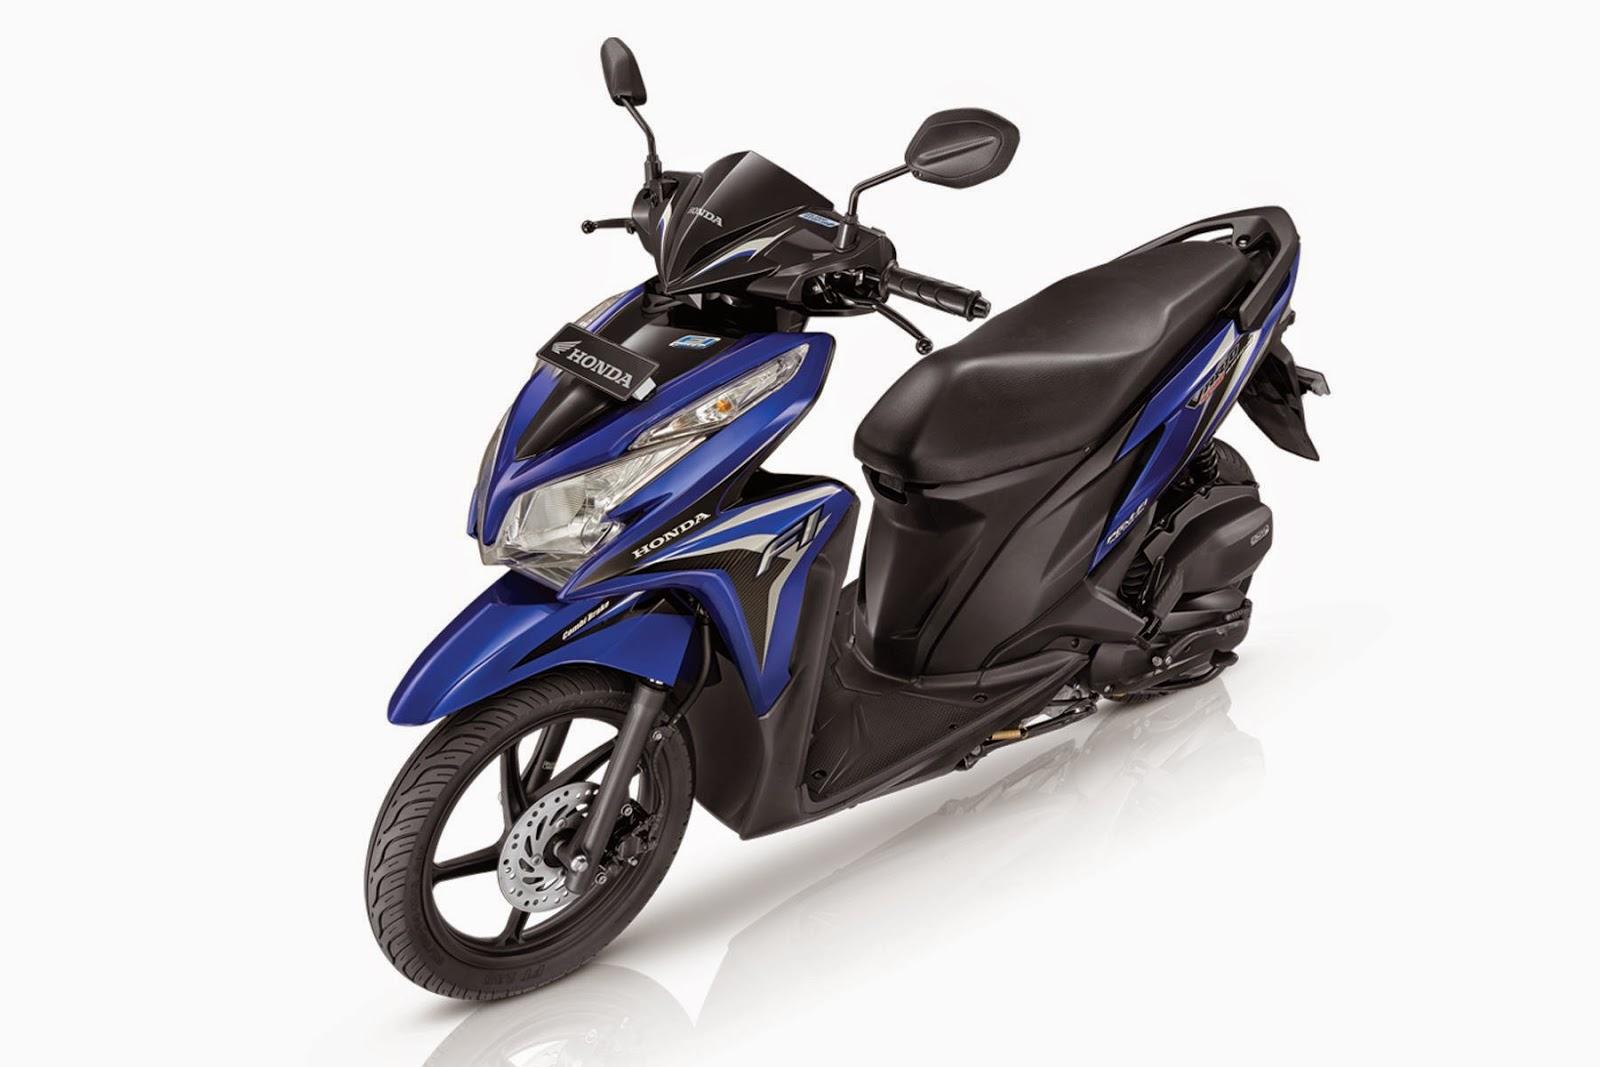 Motor Baru All New Honda MegaPro? Ini Prediksinya… – A